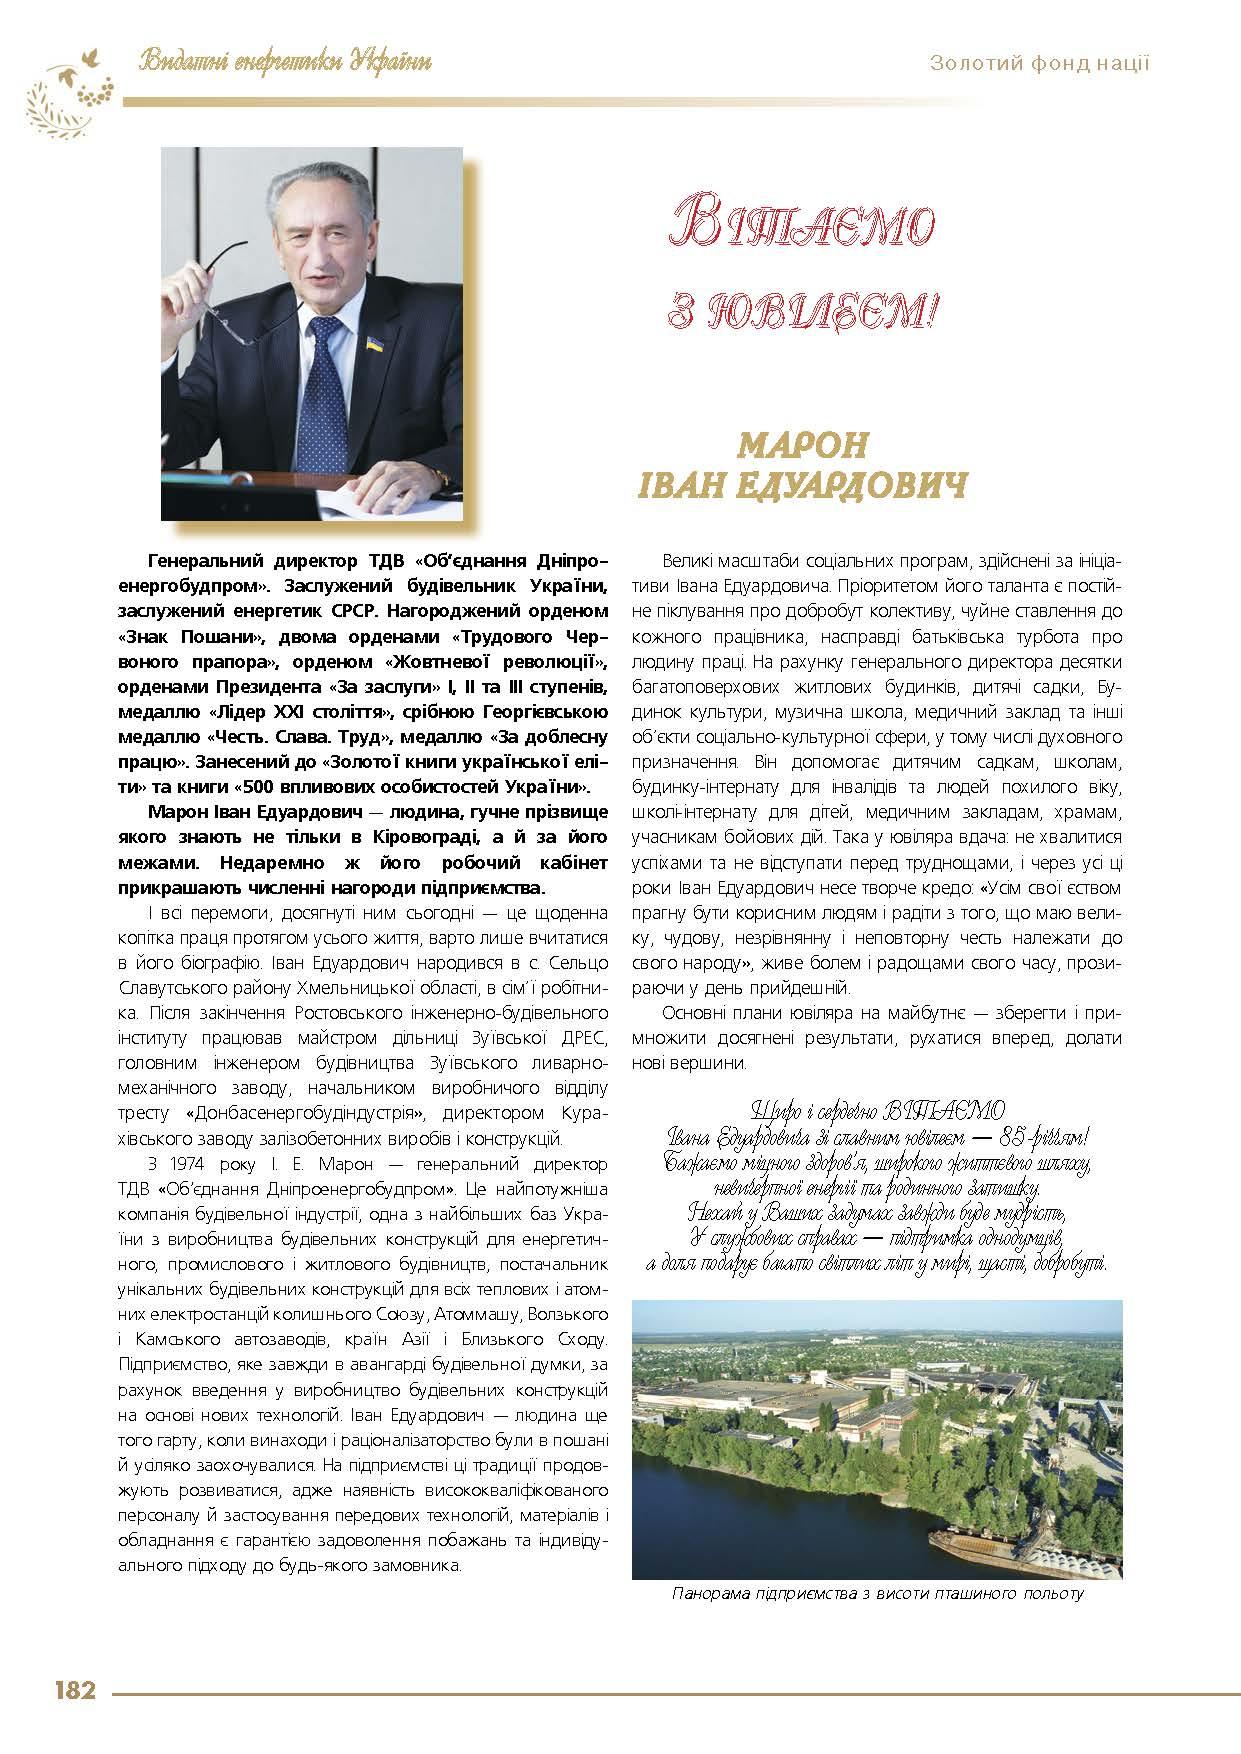 Марон Іван Едуардович